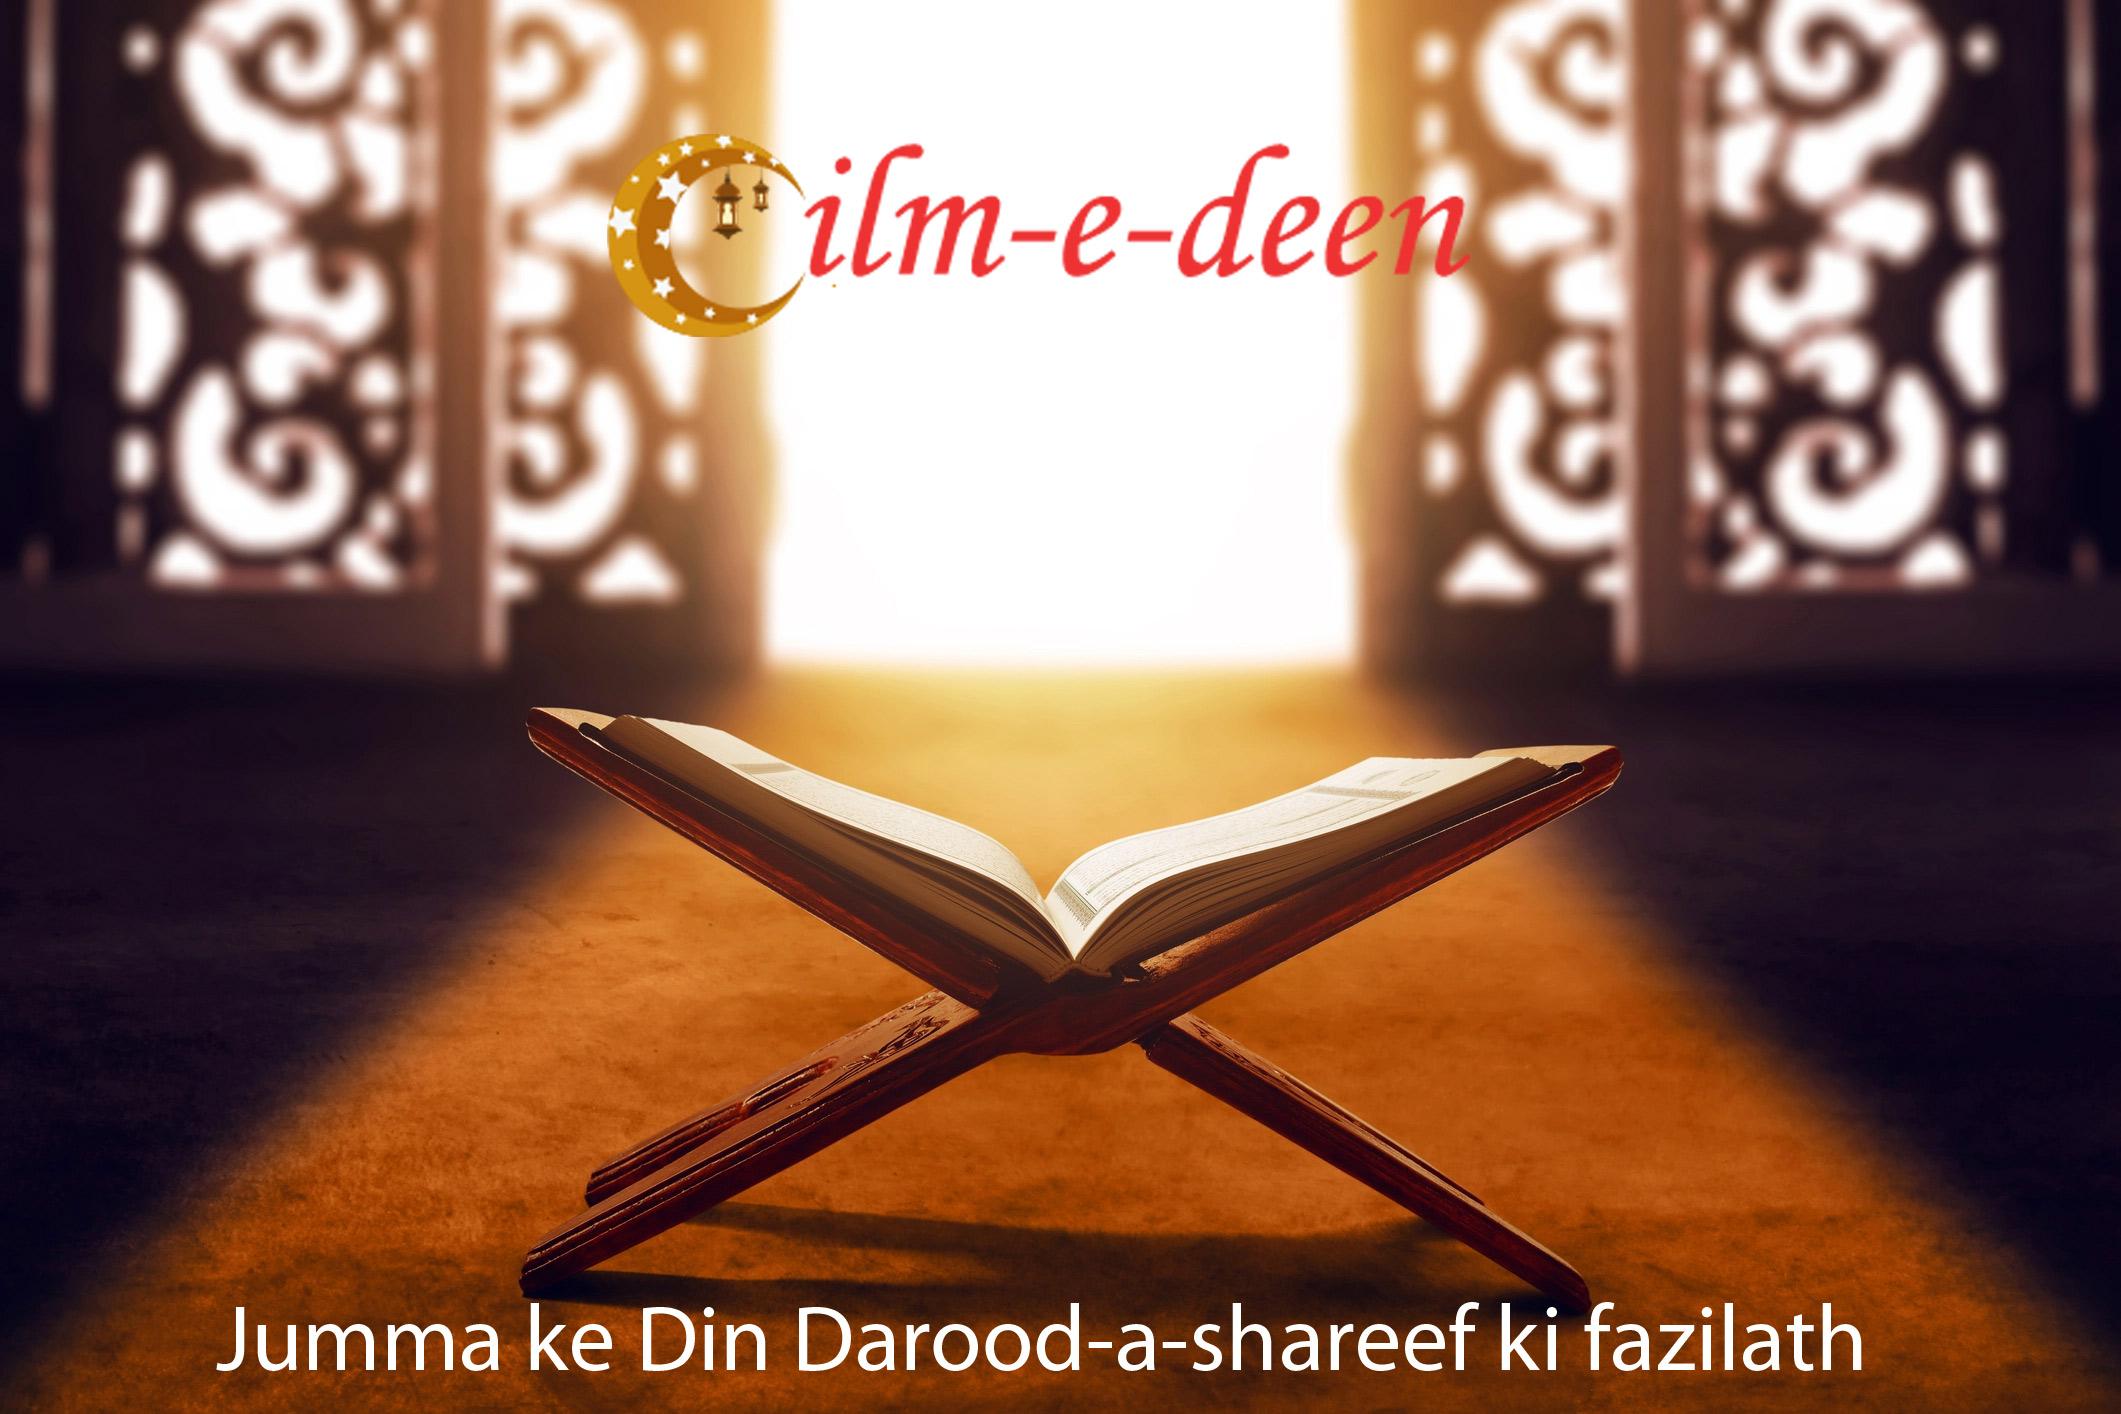 Jumma ke Din Darood-a-shareef ki fazilath